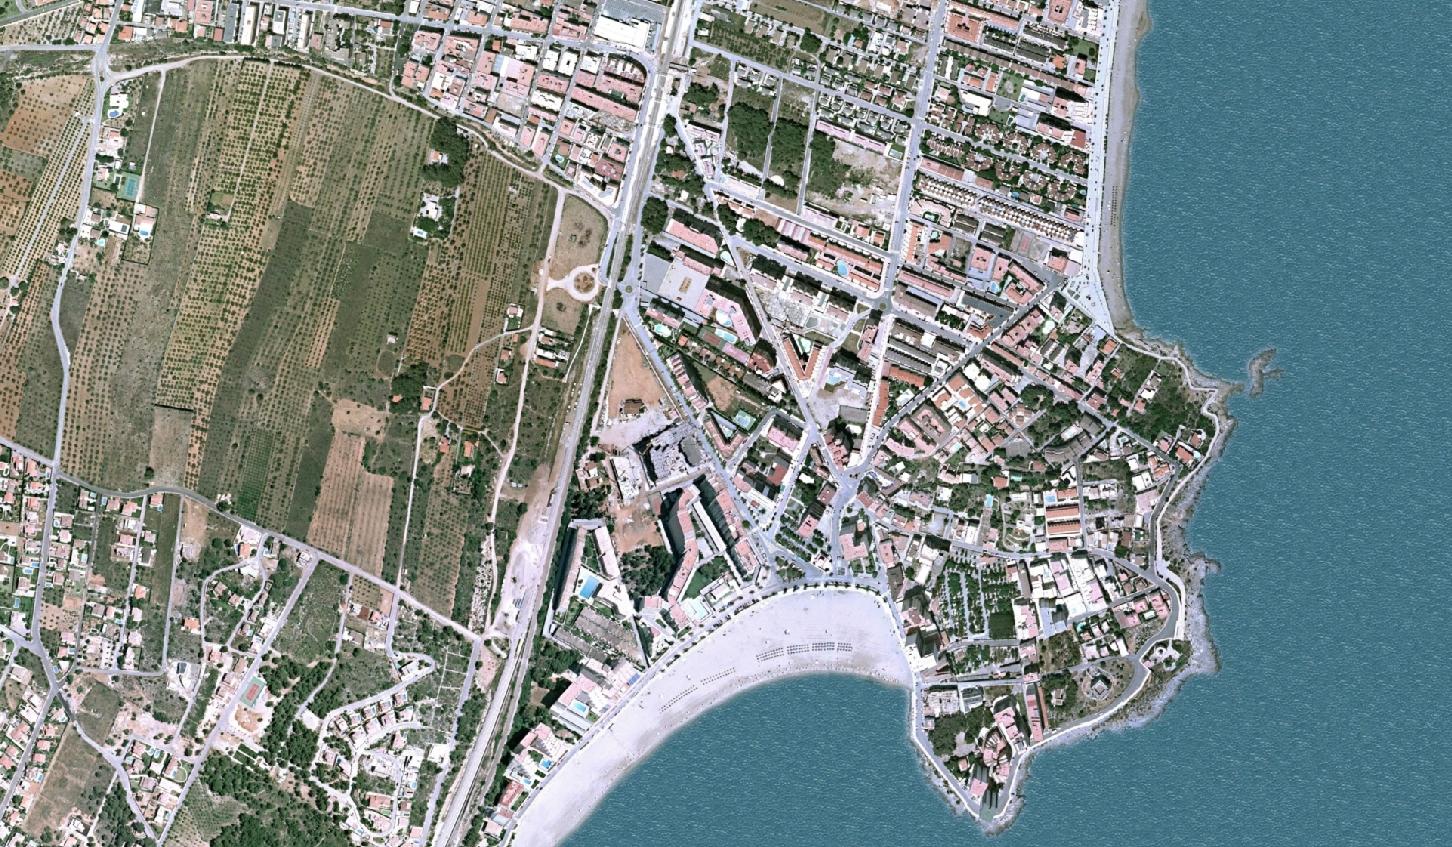 oropesa del mar, castellón, aznaresa, peticiones del oyente, antes, urbanismo, planeamiento, urbano, desastre, urbanístico, construcción